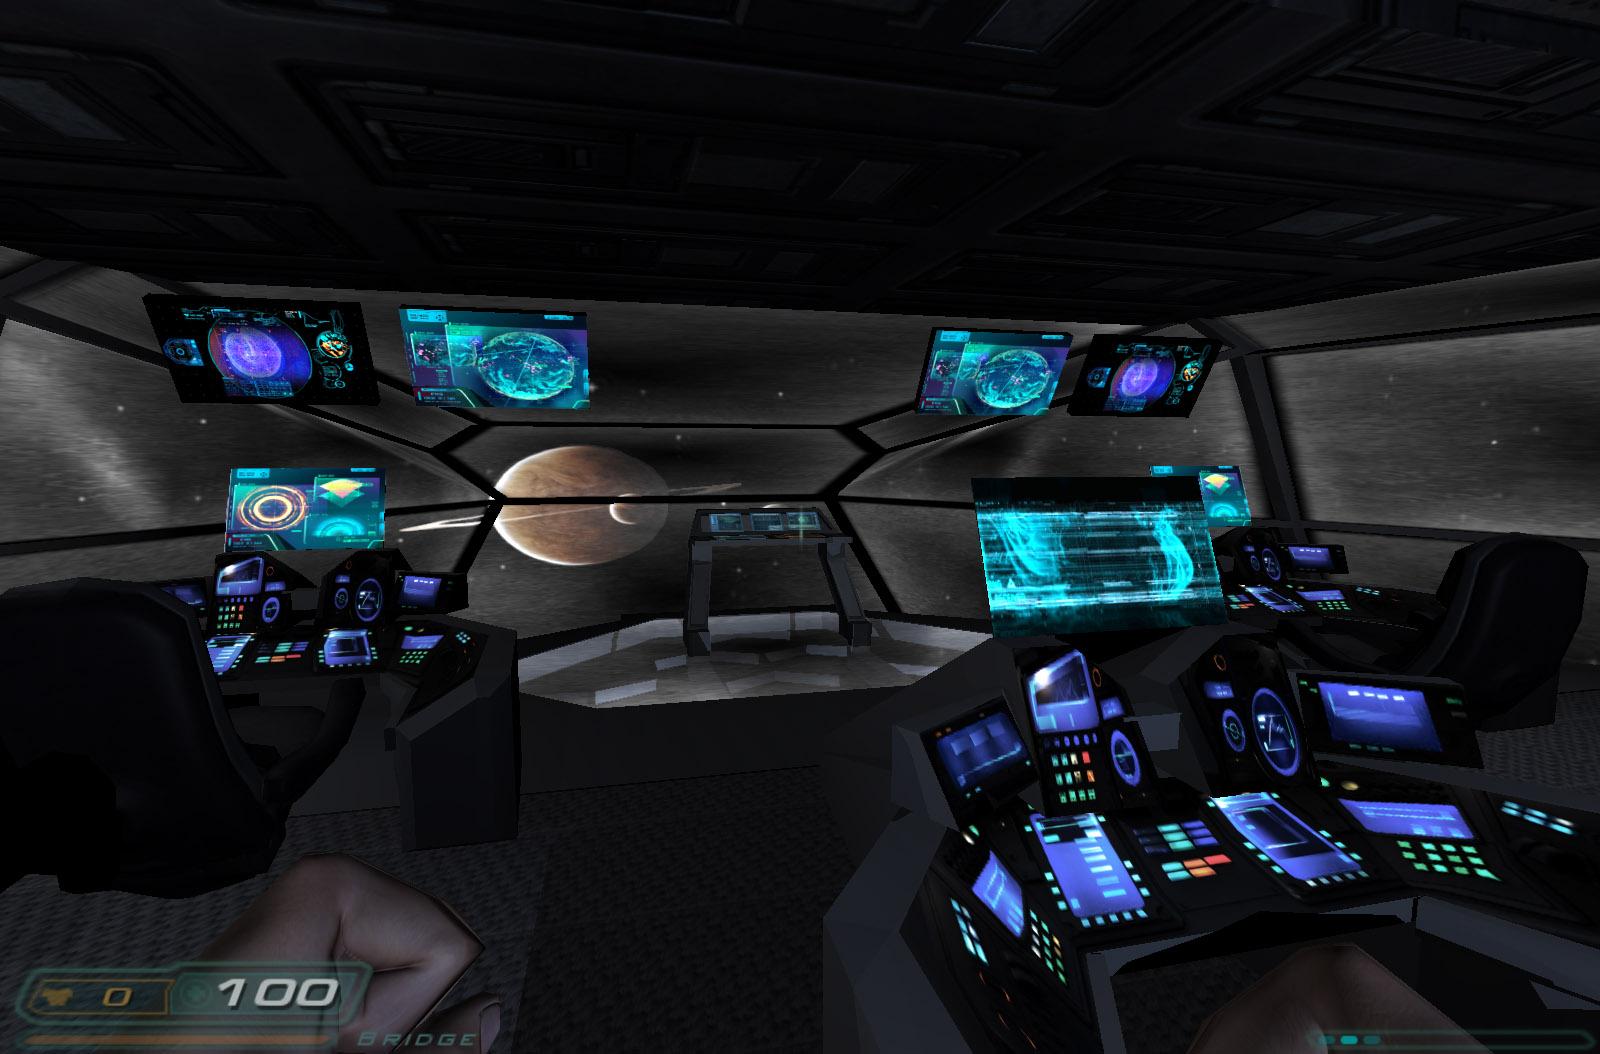 Bridge Consoles Image Prometheus Doom 3 Movie Mod For